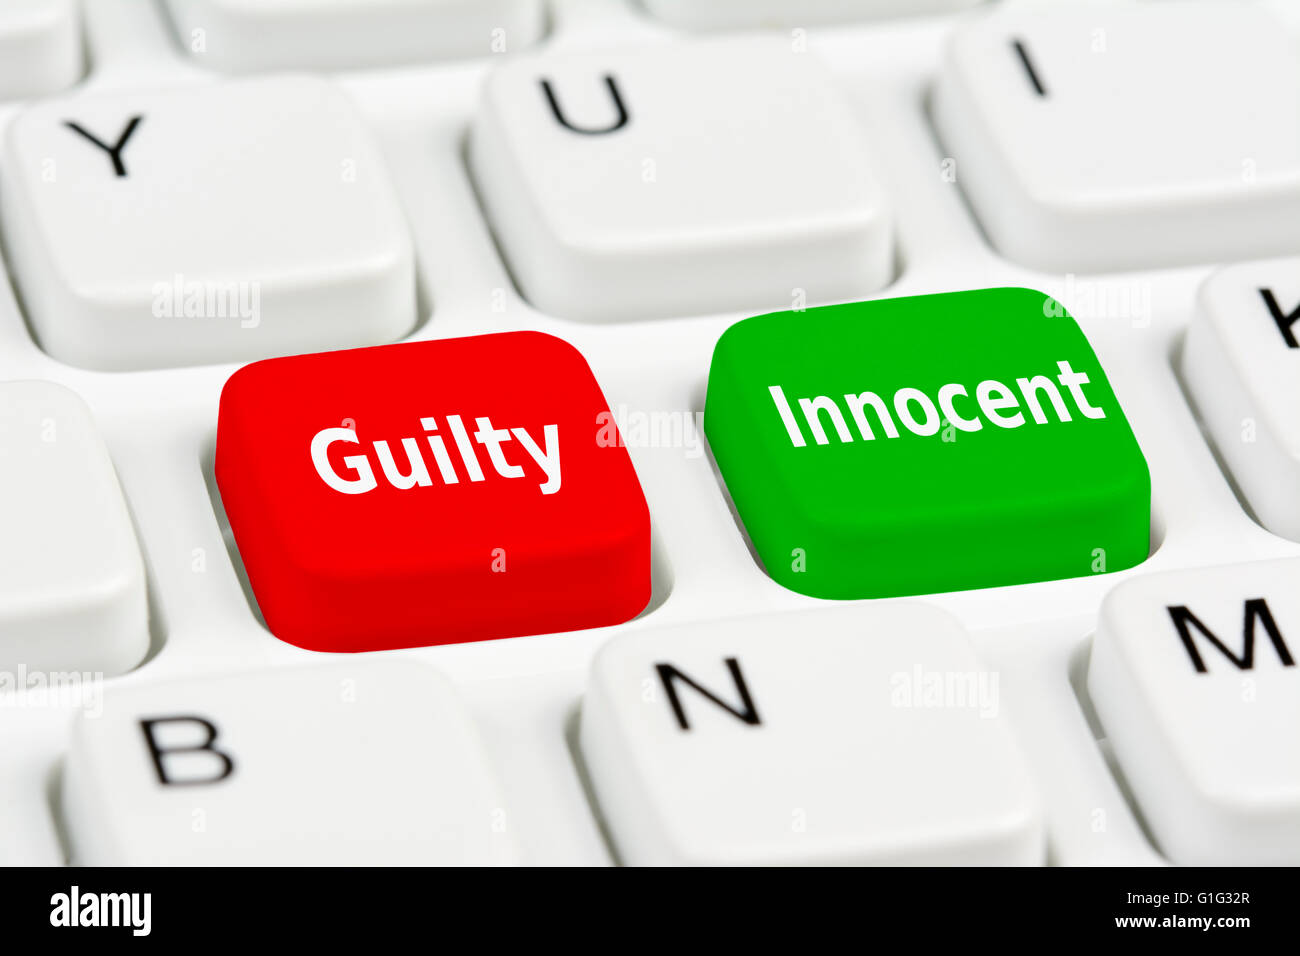 Botones culpable e inocente en un teclado de ordenador. Imagen De Stock